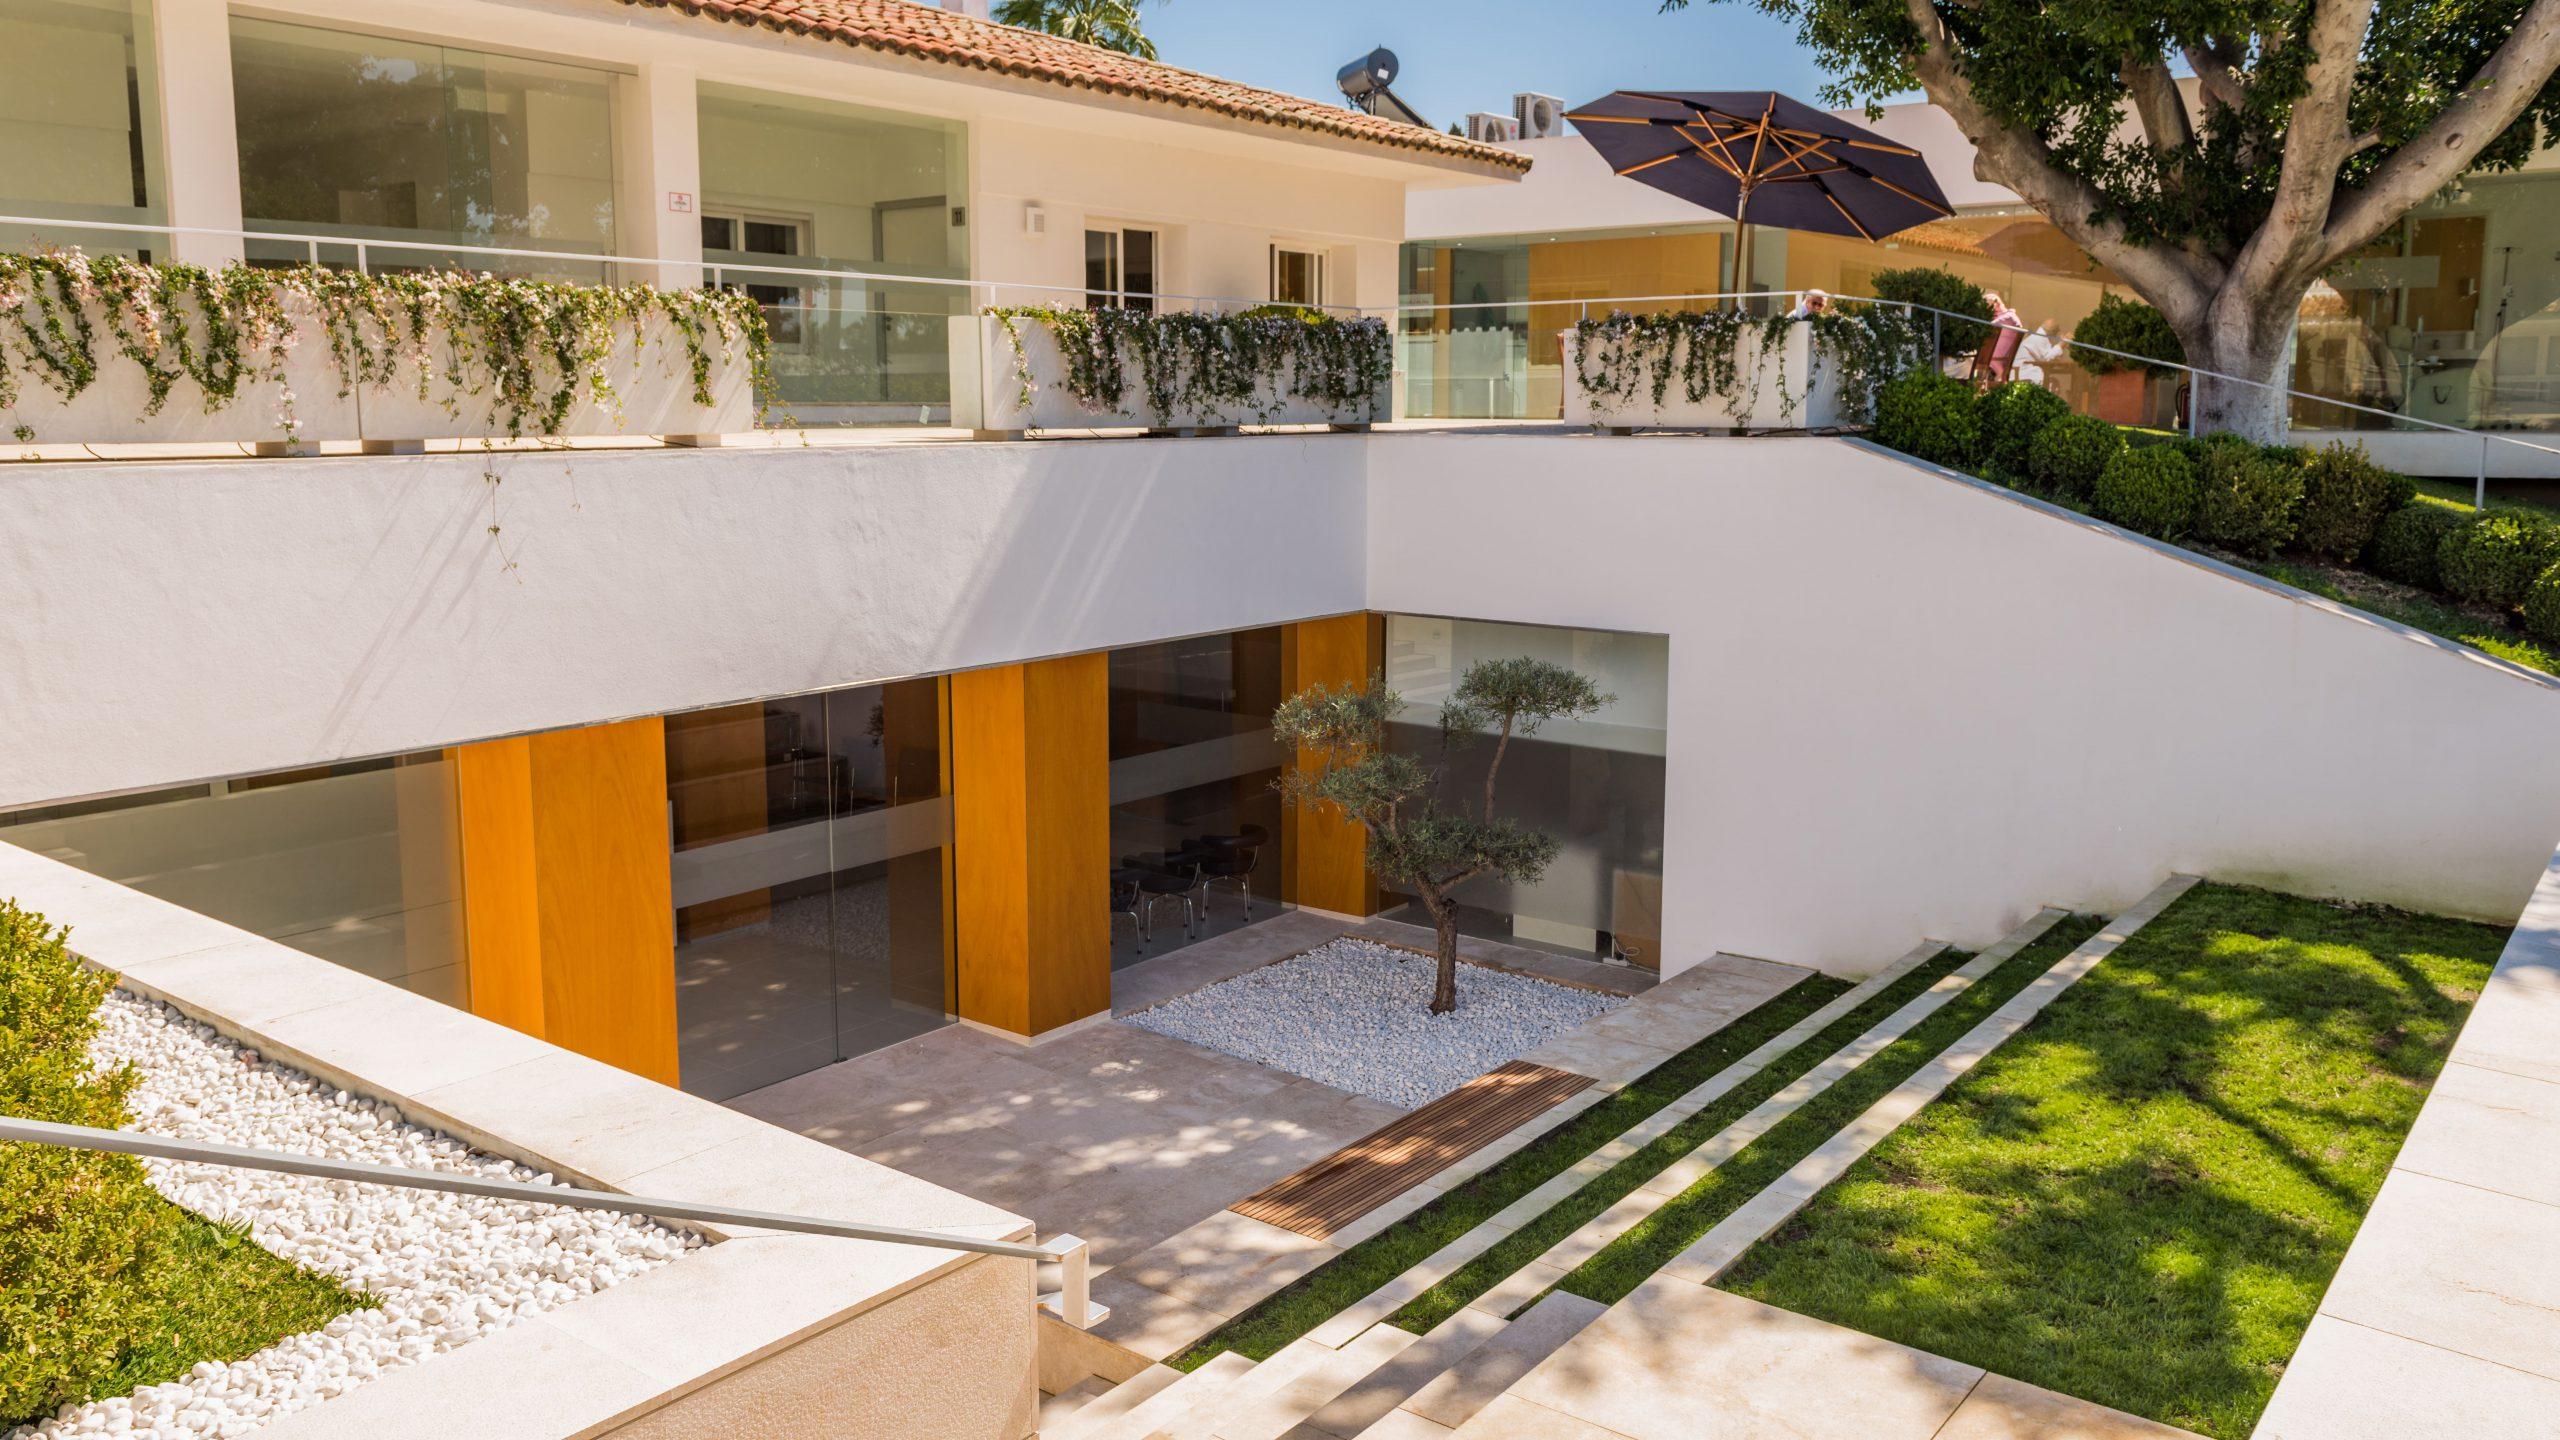 HC Marbella inaugura la ampliación de 1.400 m2 en su centro hospitalario con renovación y creación de nuevas unidades